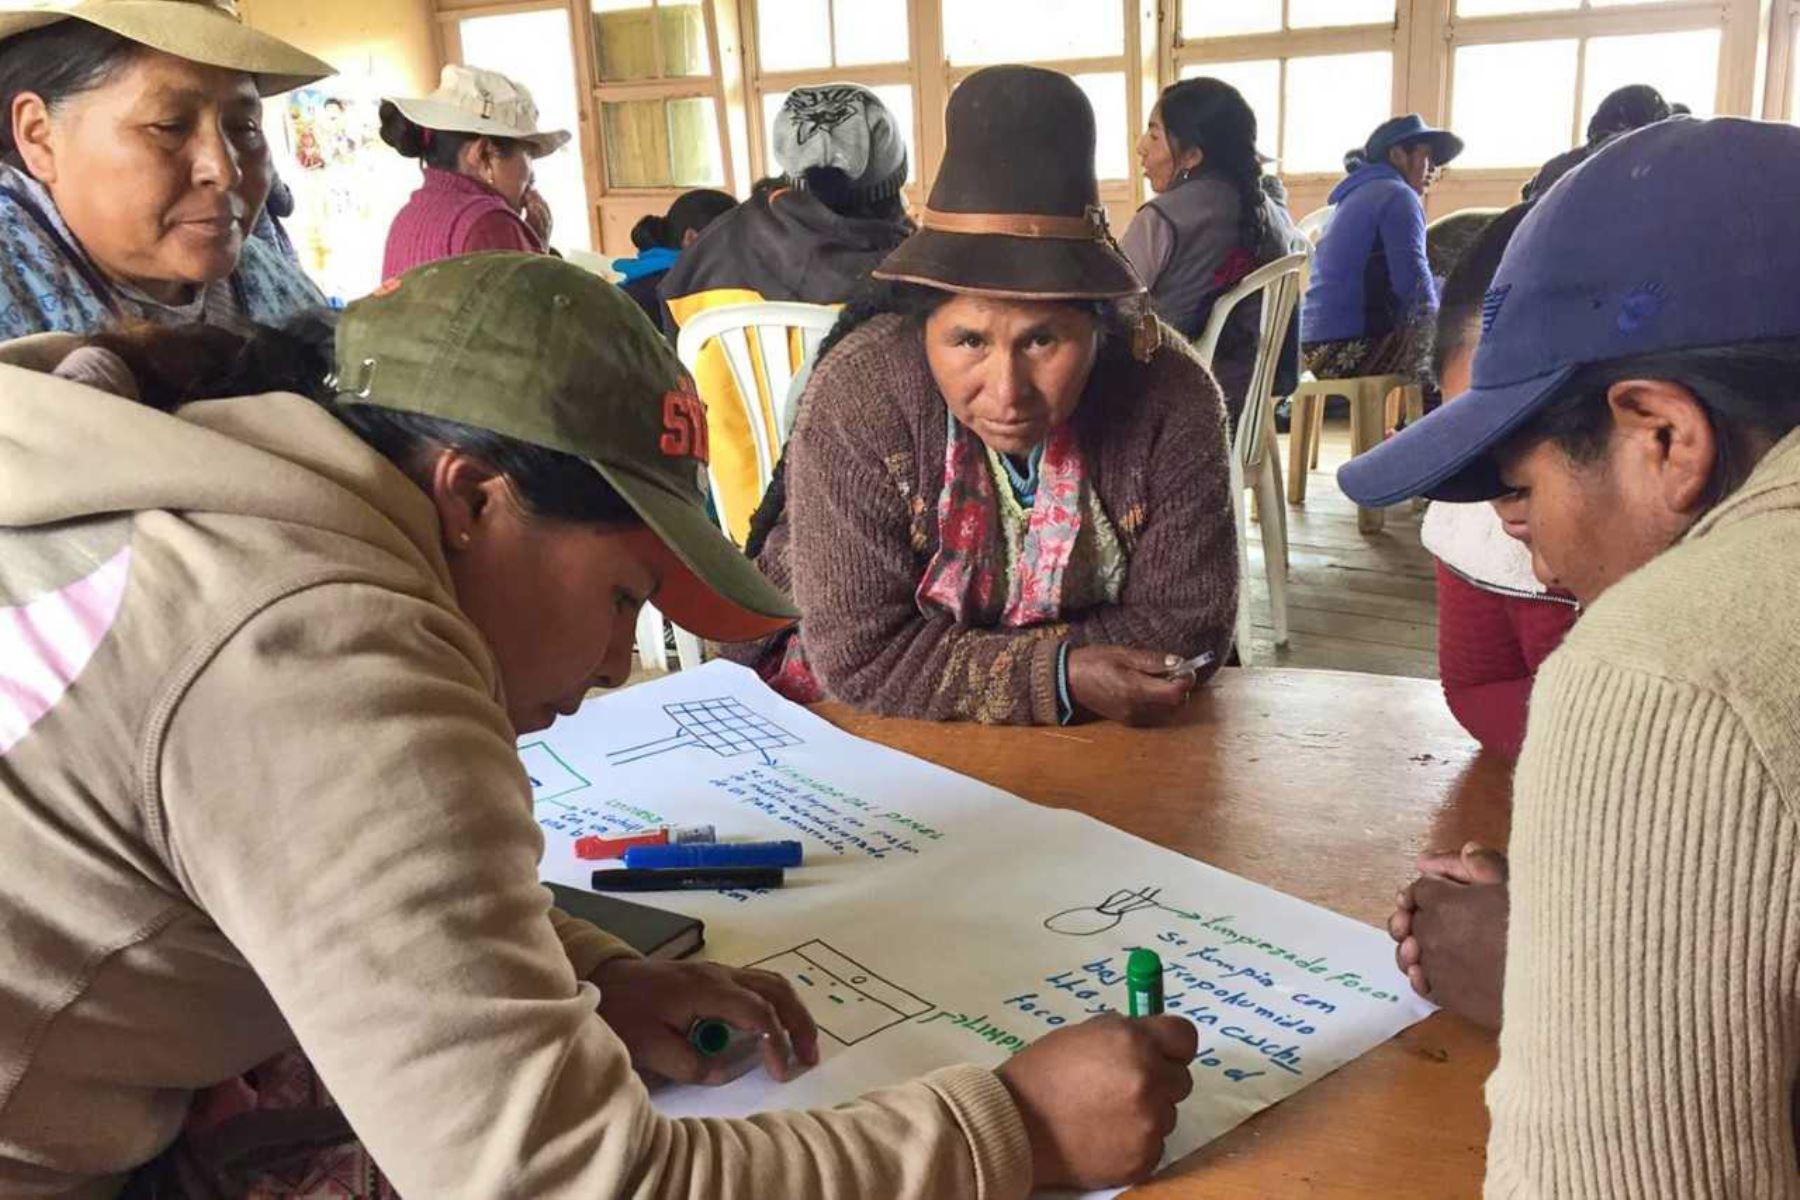 El Ministerio de Energía y Minas promueve Escuelas Energéticas de Mujeres en comunidades rurales de Cusco y Puno, mediante de la Escuela Energética de Mujeres.